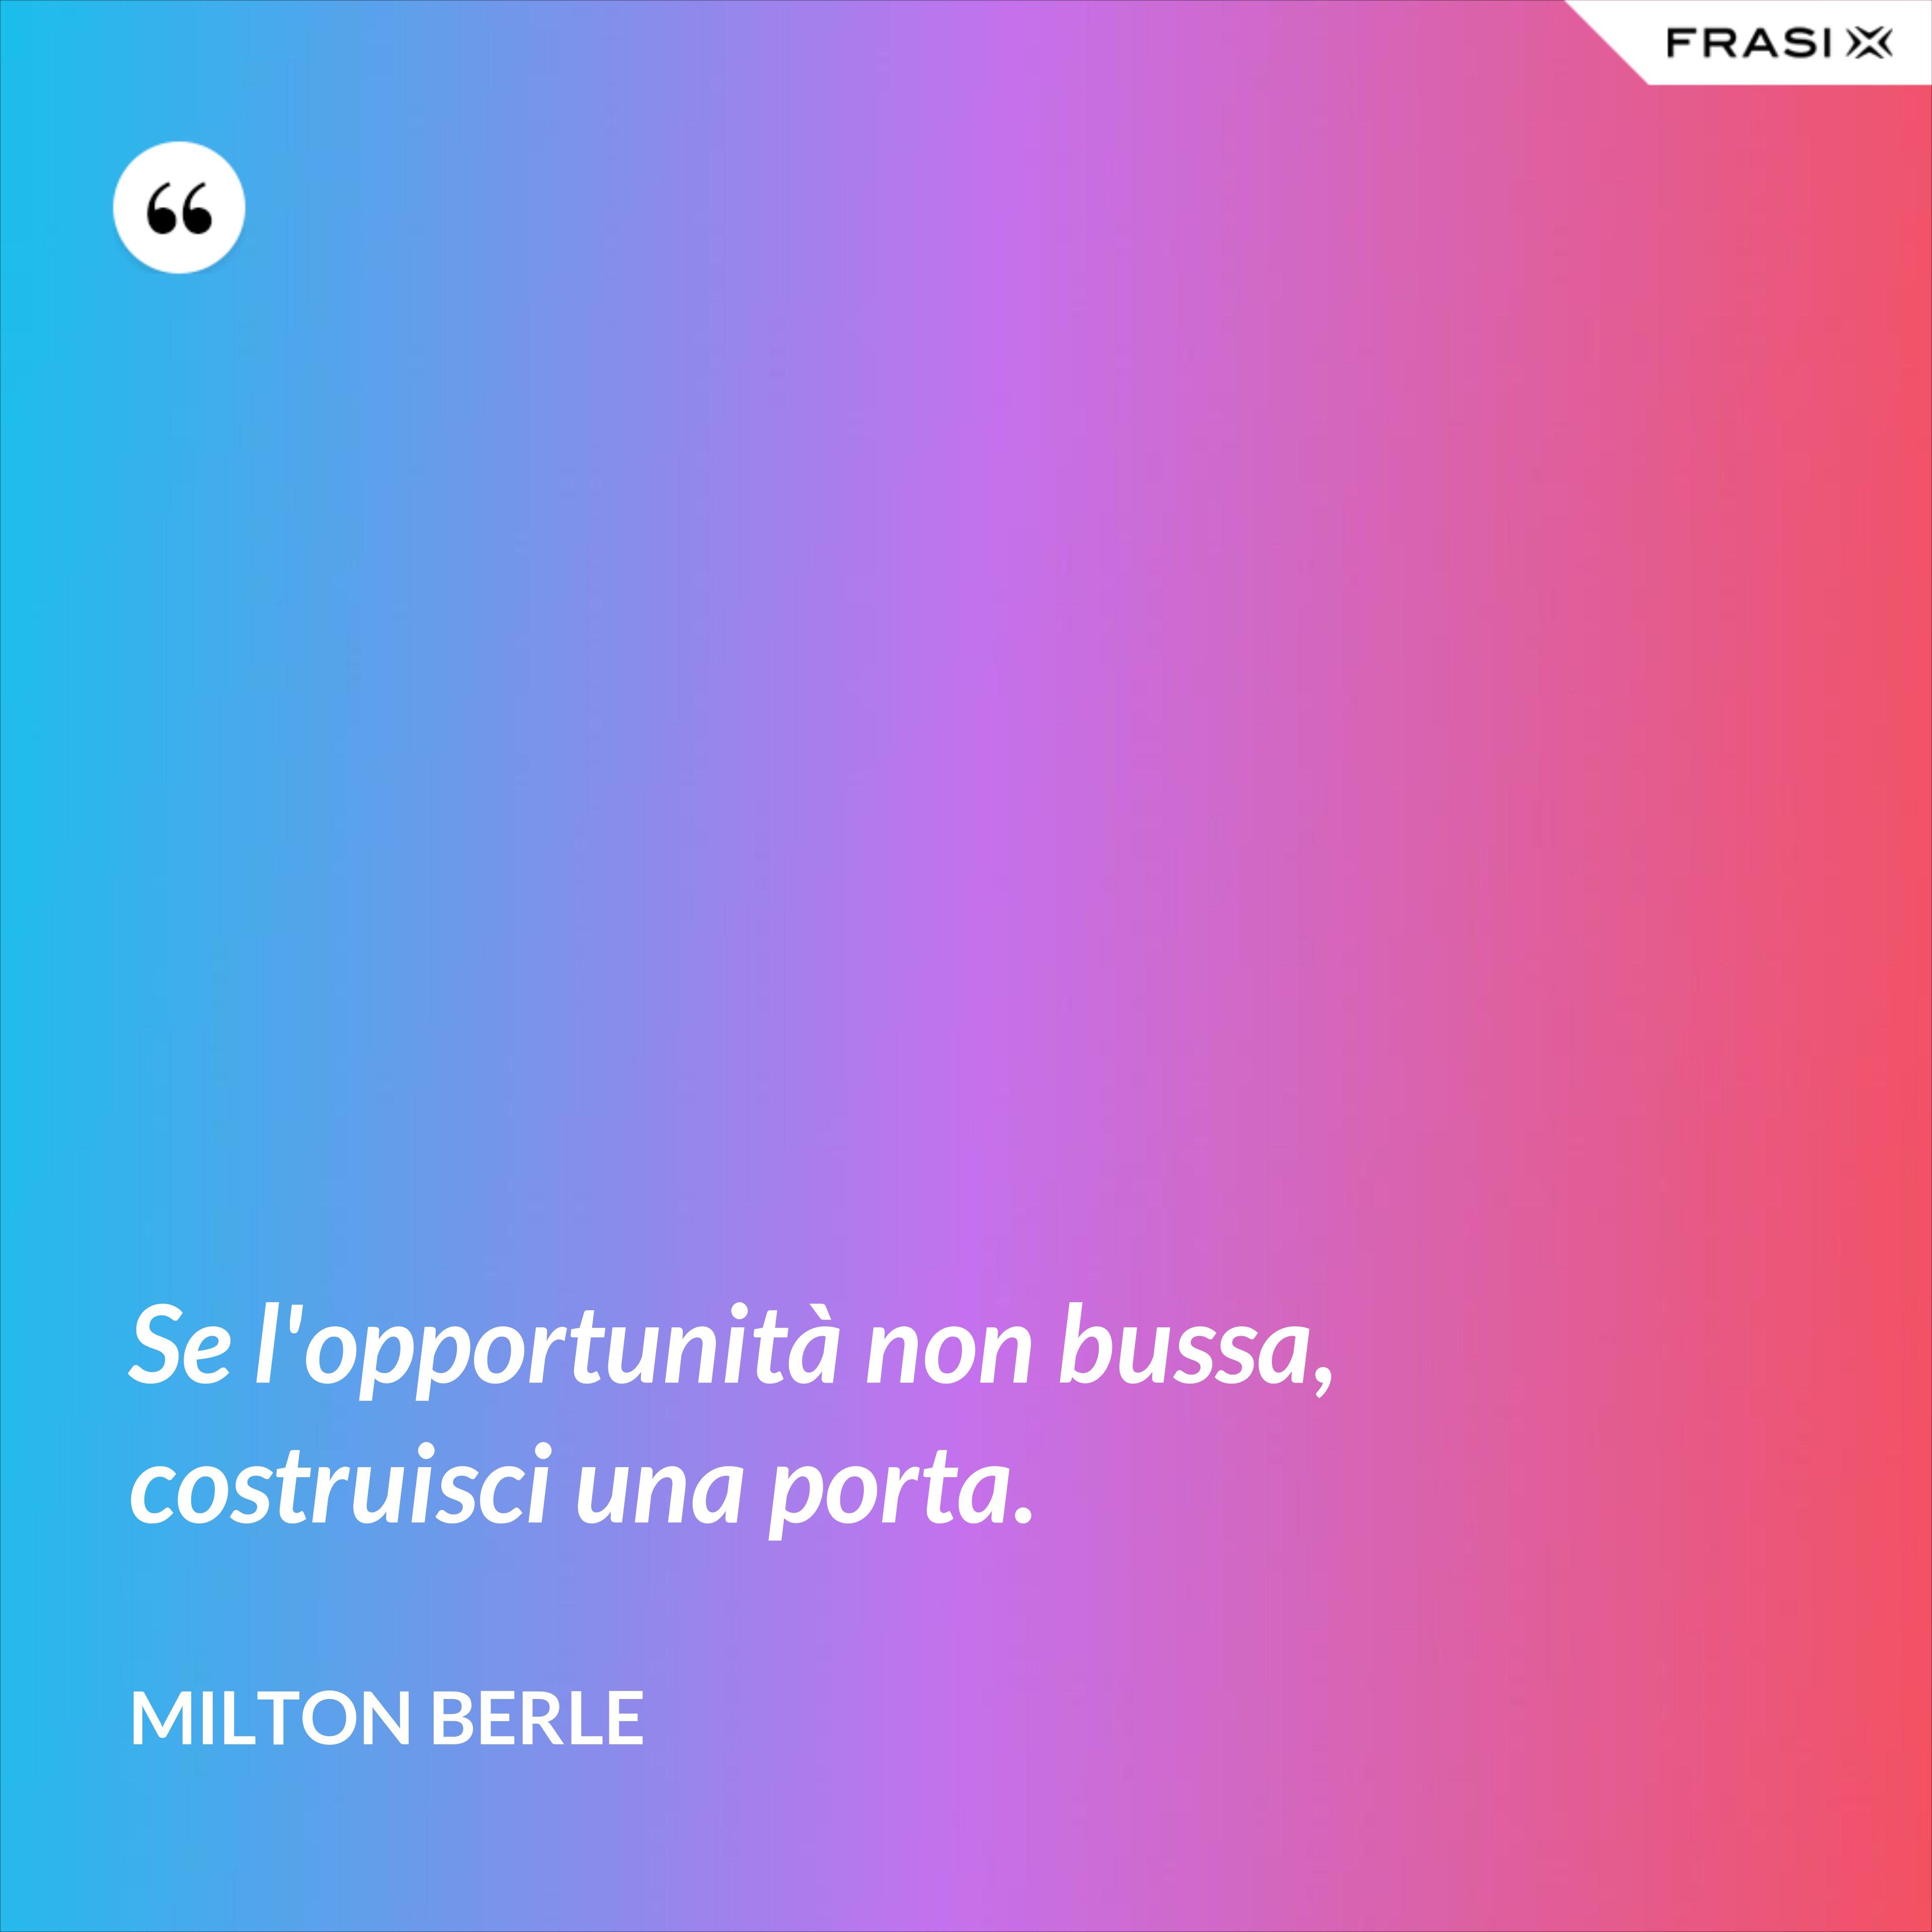 Se l'opportunità non bussa, costruisci una porta. - Milton Berle